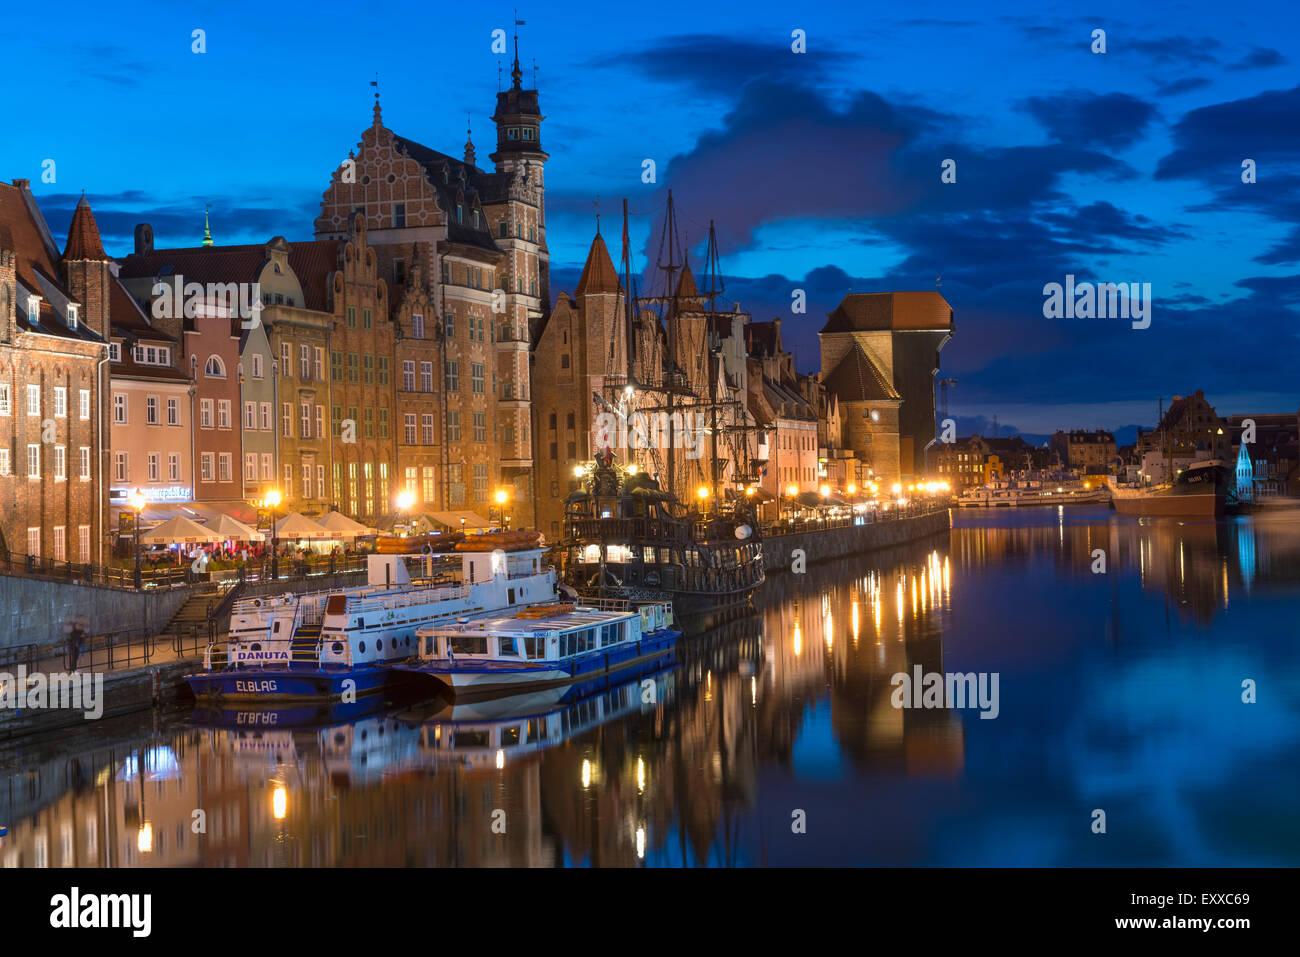 Gdansk, Polonia - bella e storica città vecchia di Danzica, Polonia sulle rive del fiume Motlawa di notte Immagini Stock